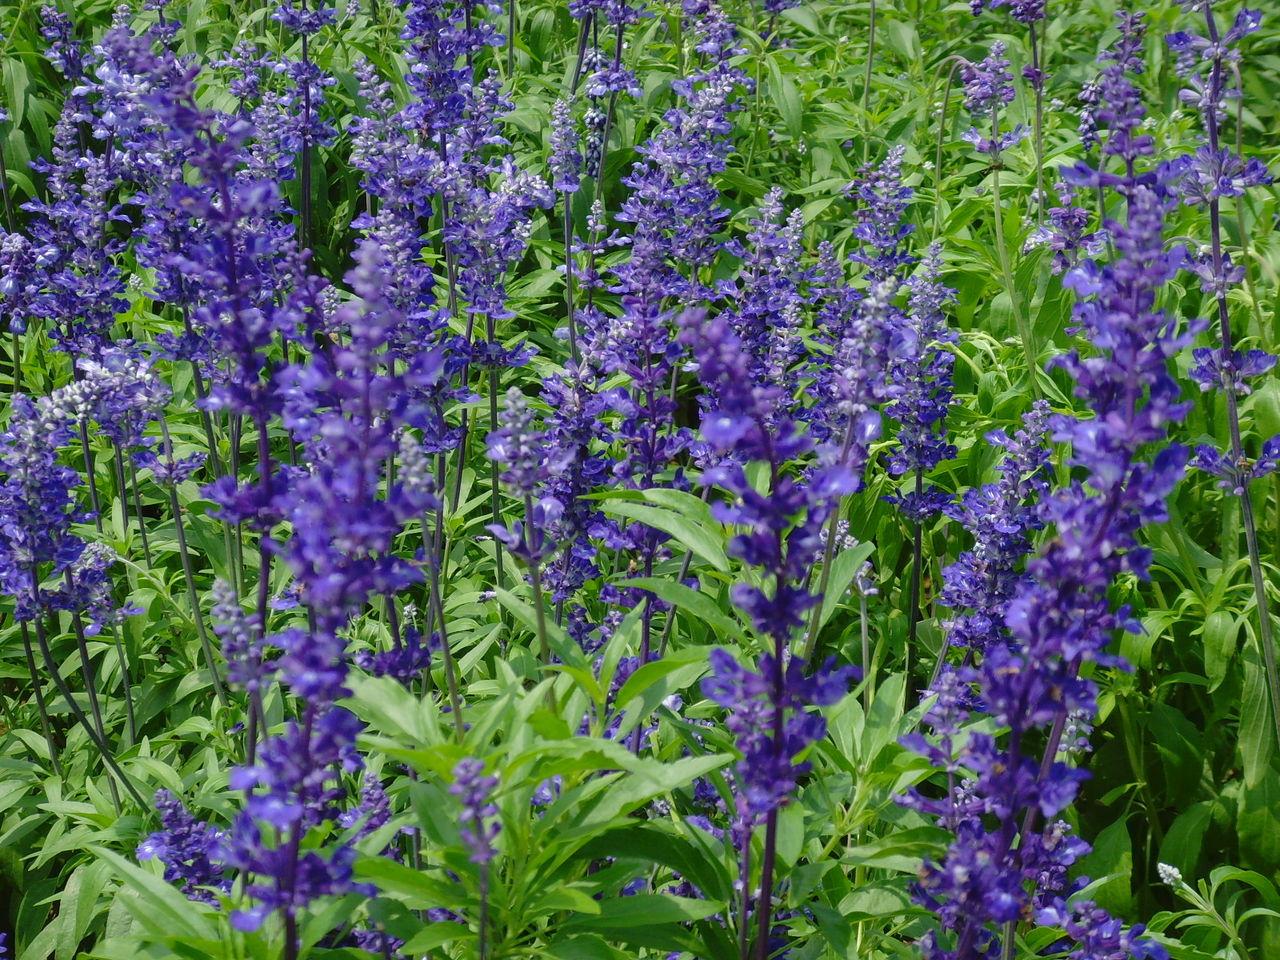 薰衣草的近景图片 就是能分清楚叶片花朵的近照图片